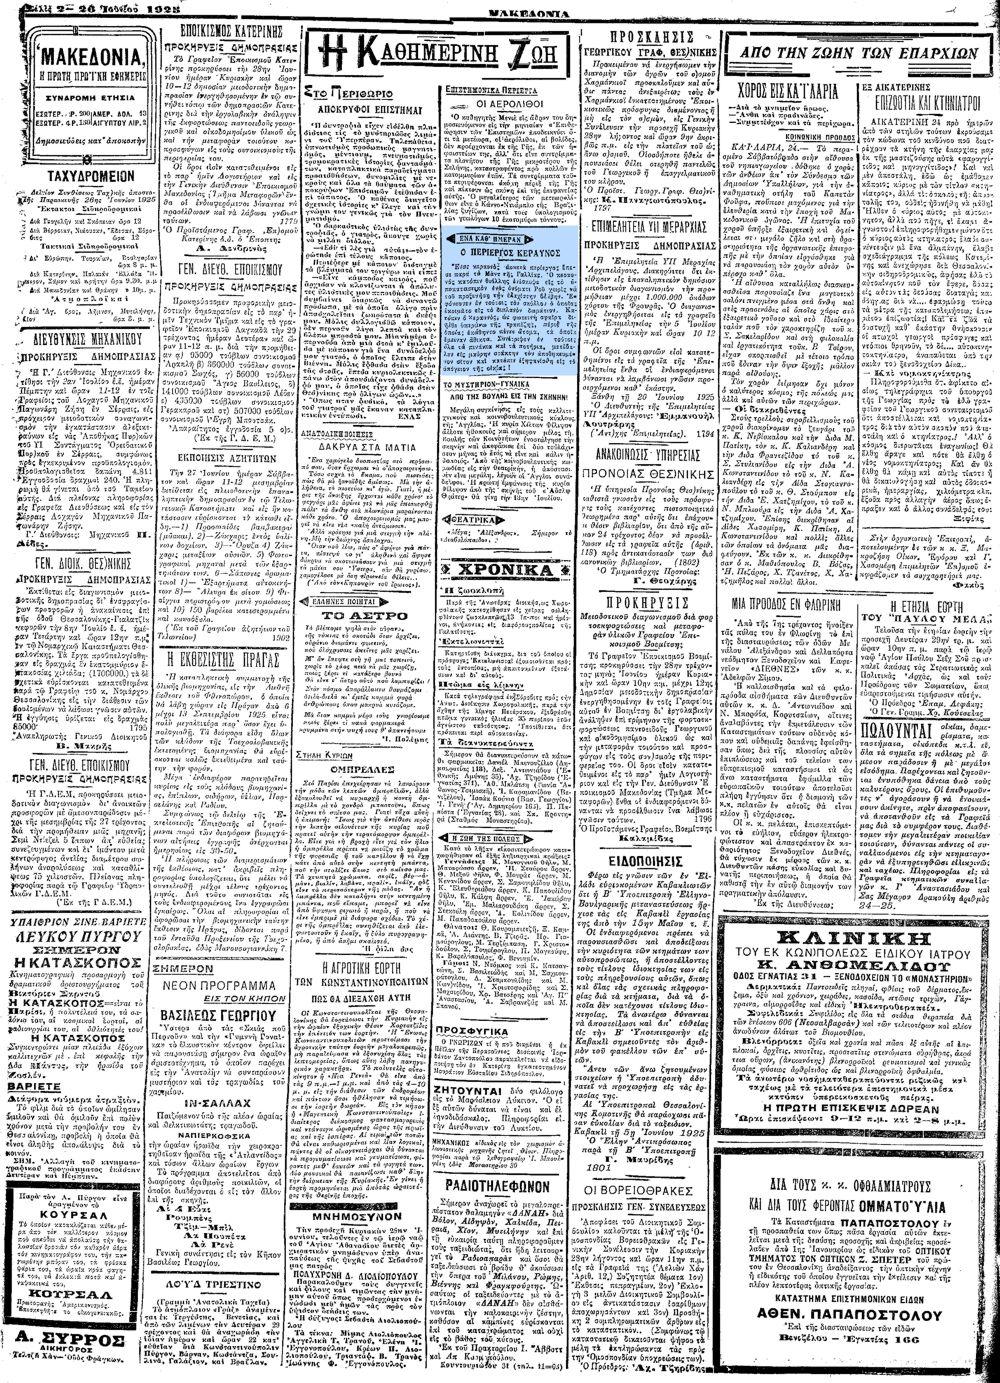 """Το άρθρο, όπως δημοσιεύθηκε στην εφημερίδα """"ΜΑΚΕΔΟΝΙΑ"""", στις 26/06/1925"""